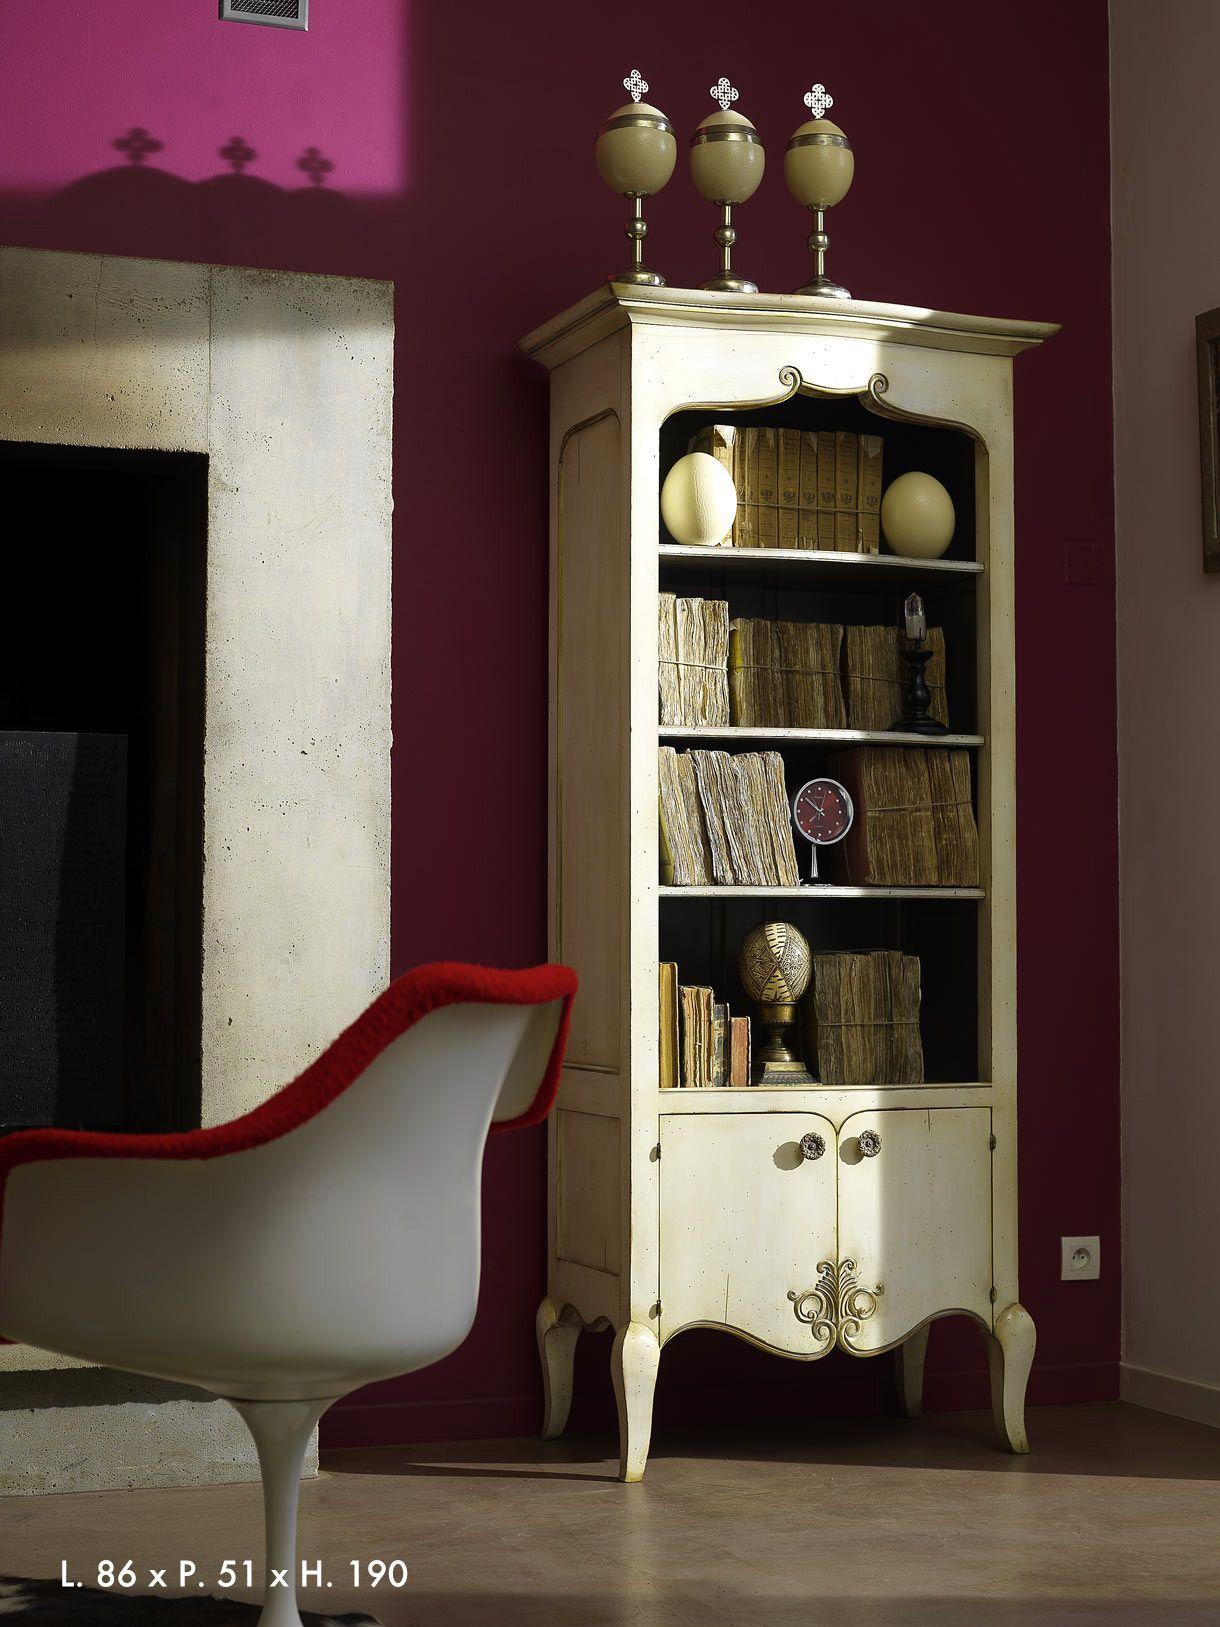 pingl par hangar de style nantes sur mobiliers peints pinterest mobilier de salon. Black Bedroom Furniture Sets. Home Design Ideas